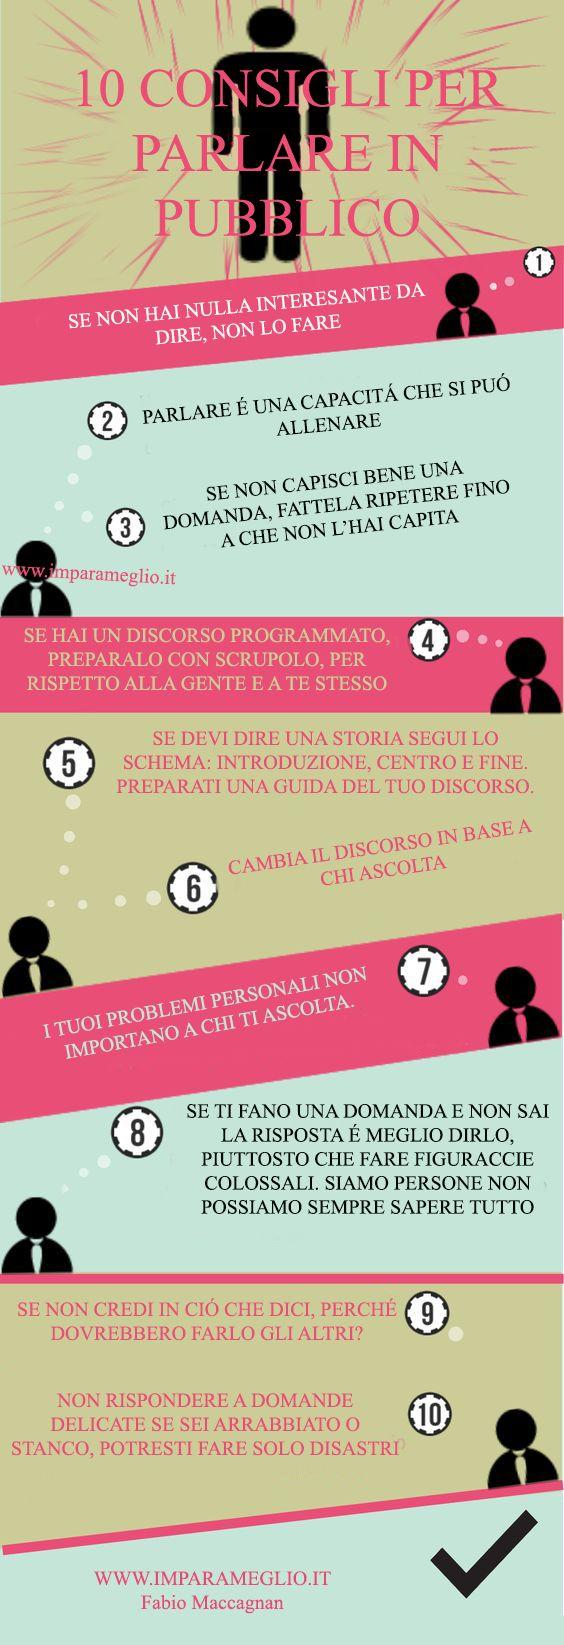 iniziare a parlare in pubblico http://www.imparameglio.it/2016/02/17/iniziare_a_parlare_inglese_e_perdere_la_paura/